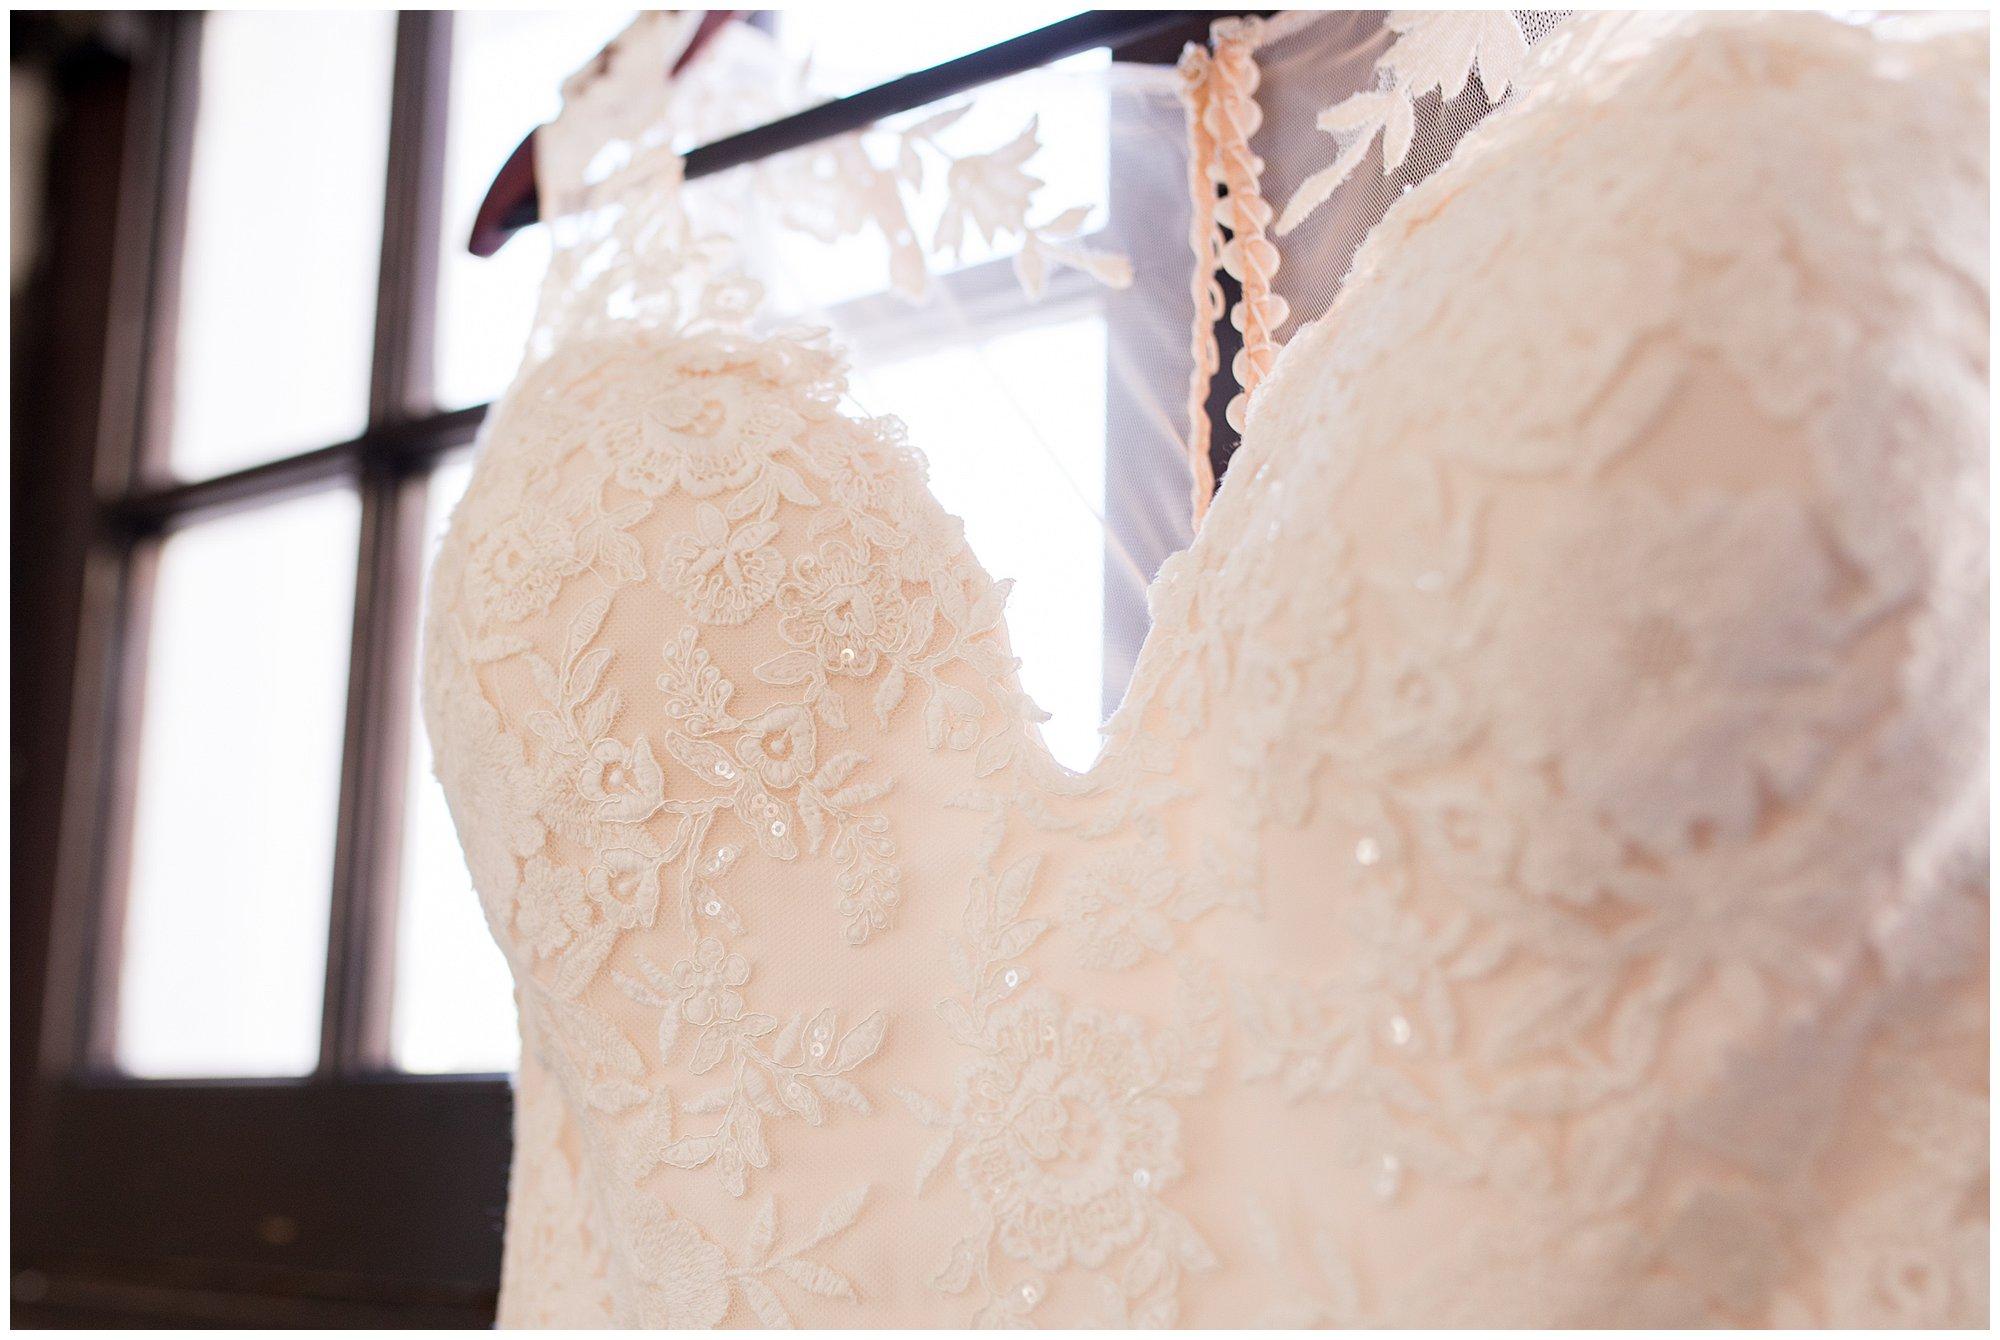 closeup of bride's wedding dress in window